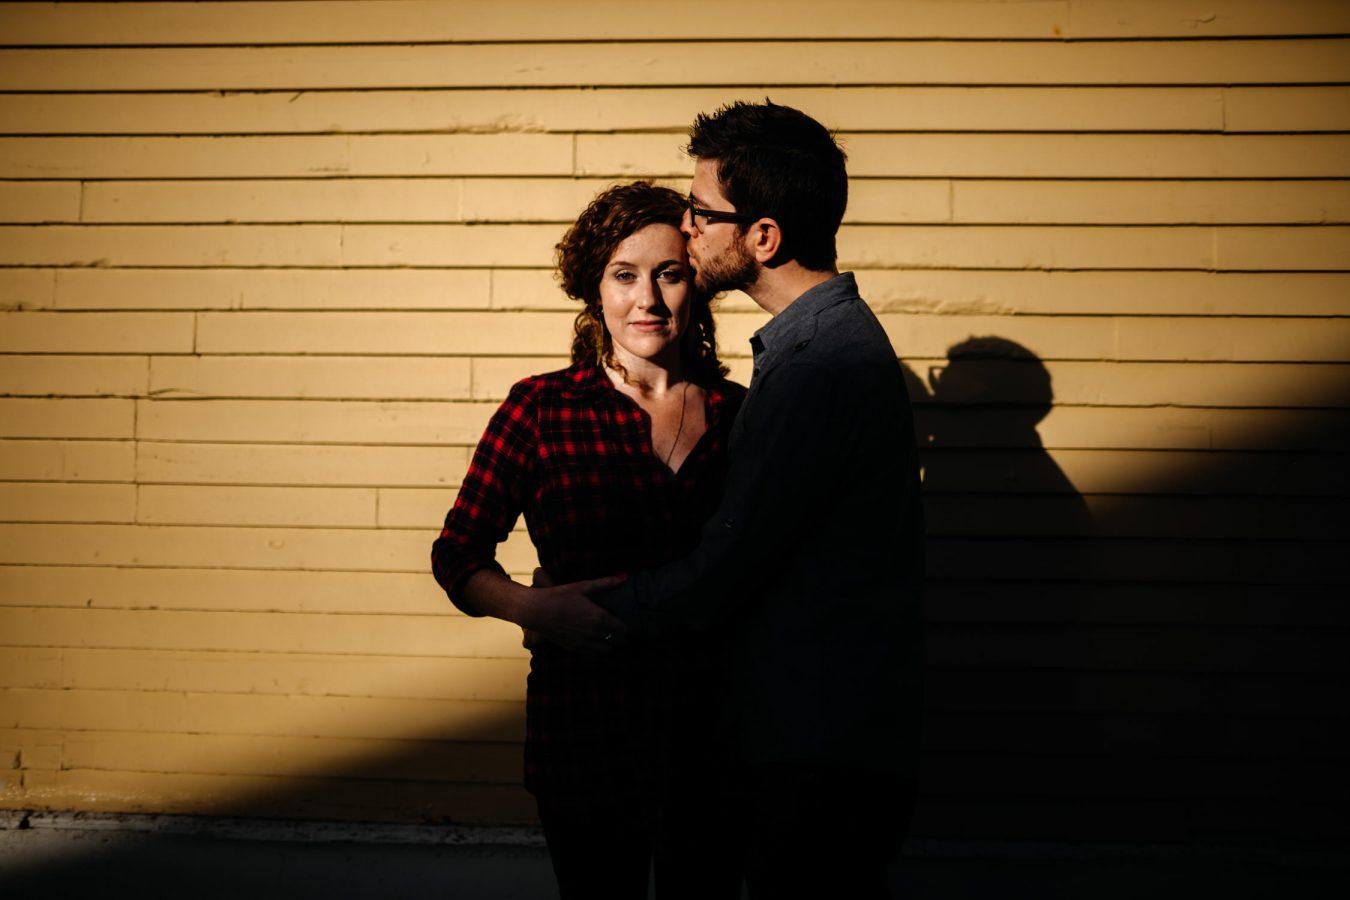 man kisses woman sunrise engagement